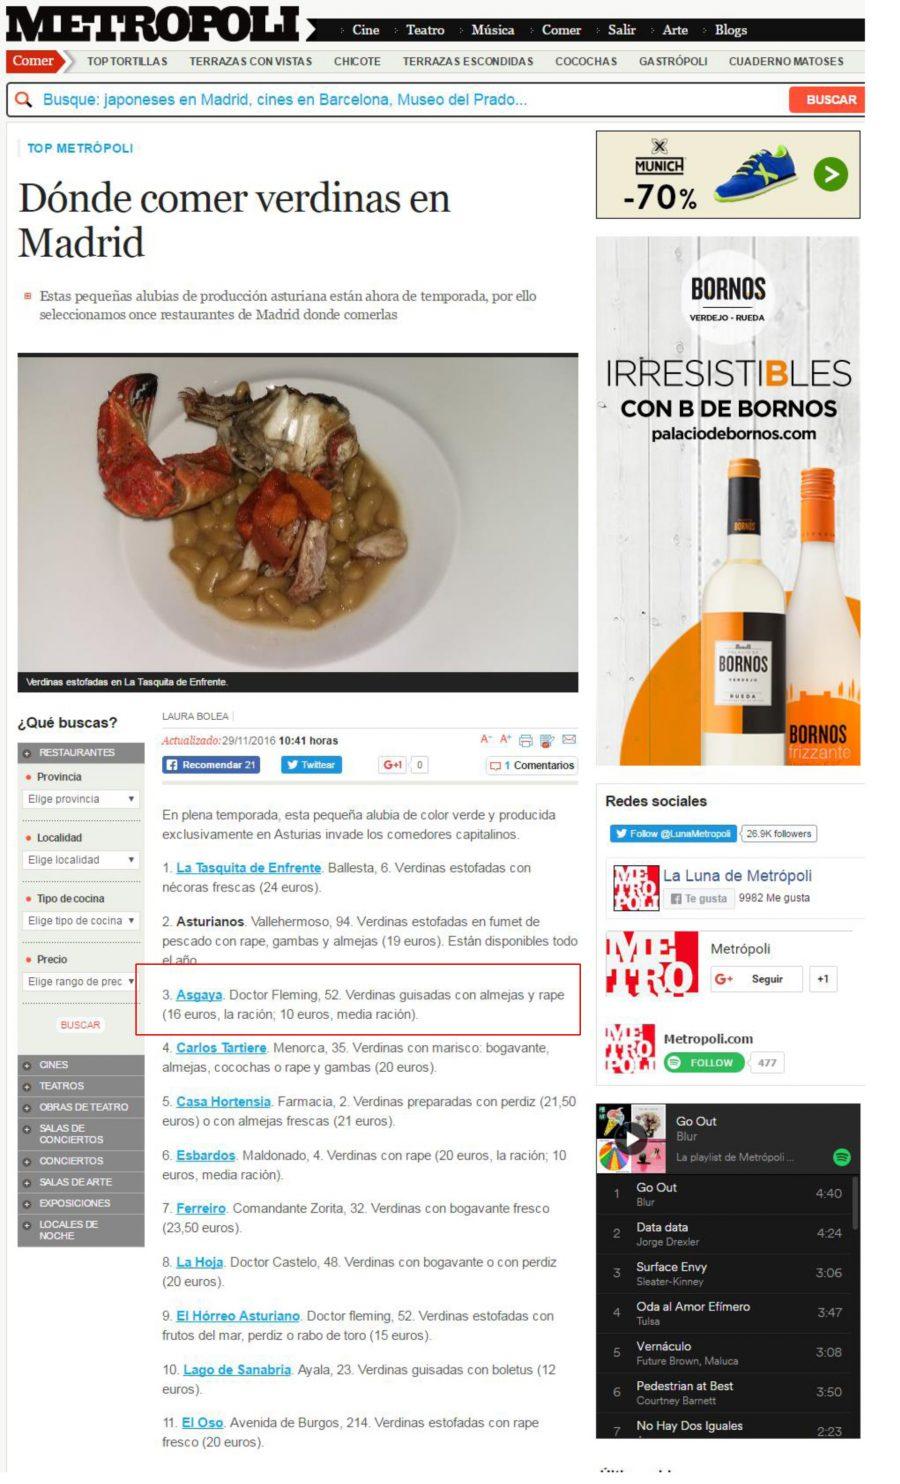 Dónde comer Verdinas en Madrid – Metrópli